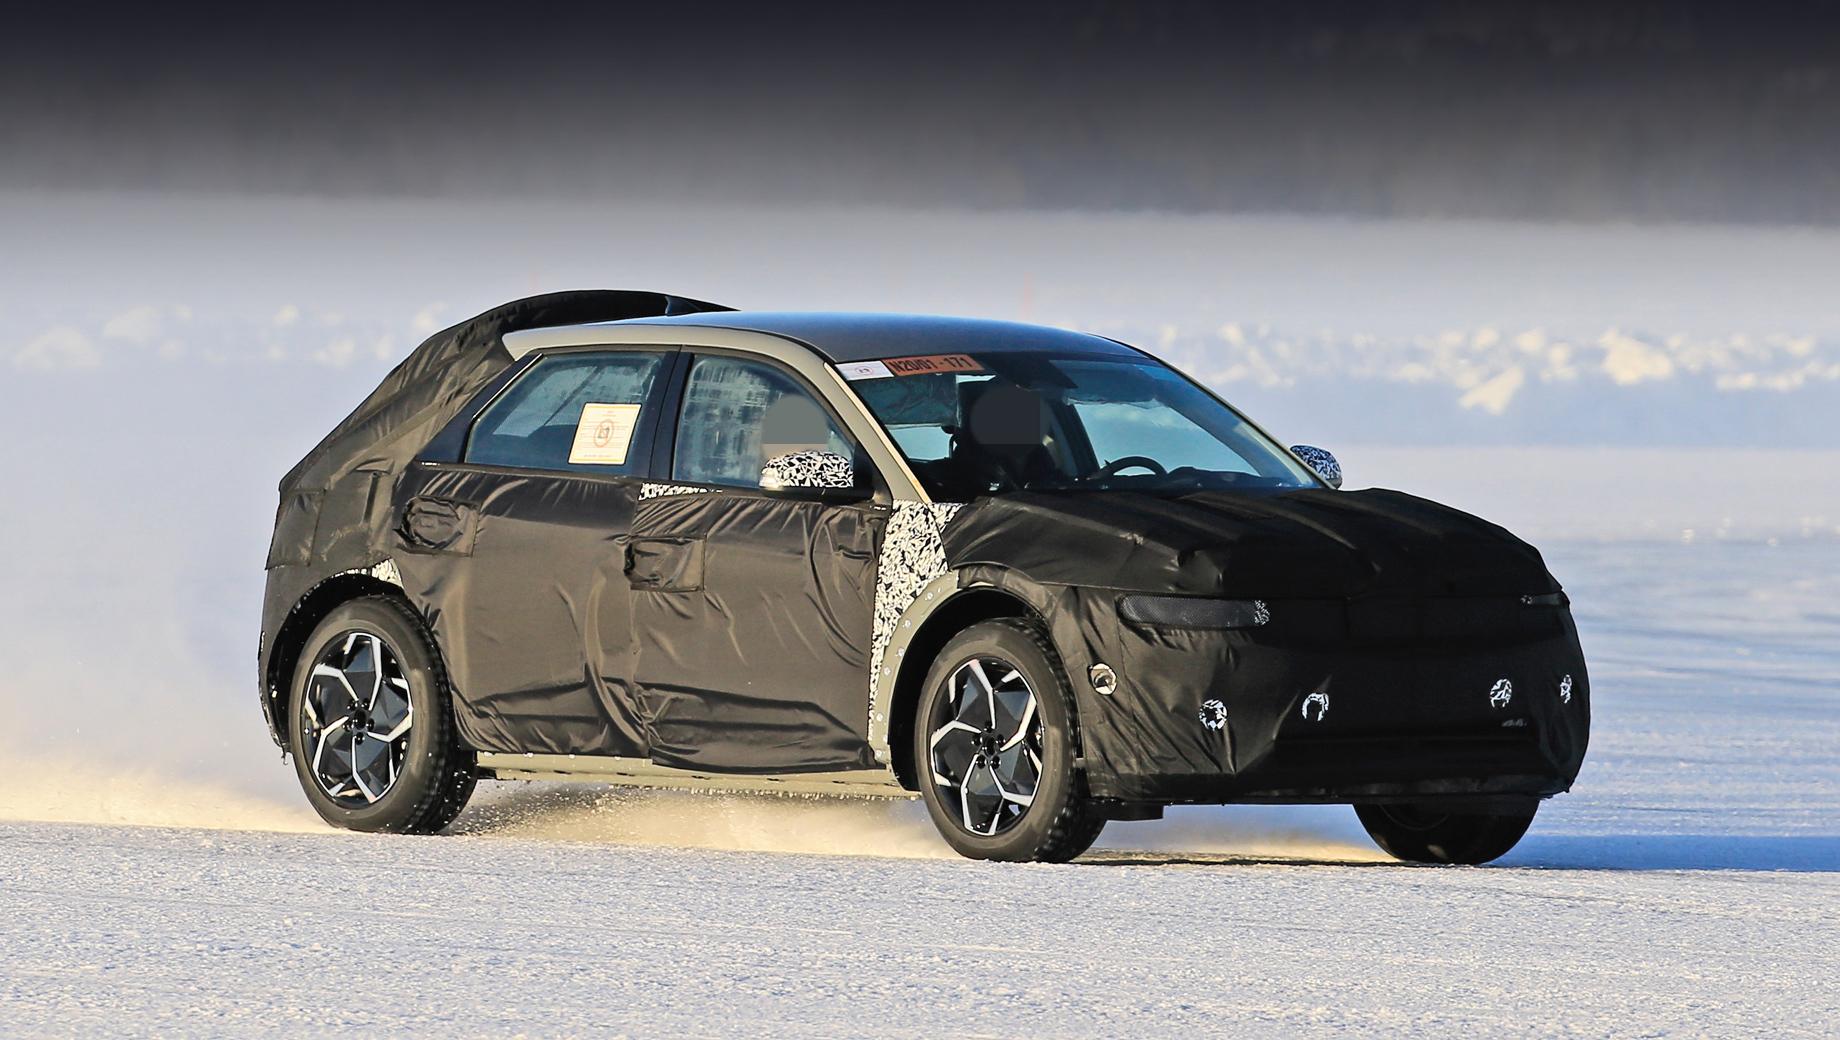 Hyundai 45,Hyundai pony. Рассматривая детали машины вблизи, фотографы отметили, что прототип выглядит «вполне завершённым», а потому компания способна представить новичка уже в нынешнем году. Продажи, скорее всего, начнутся в следующем.